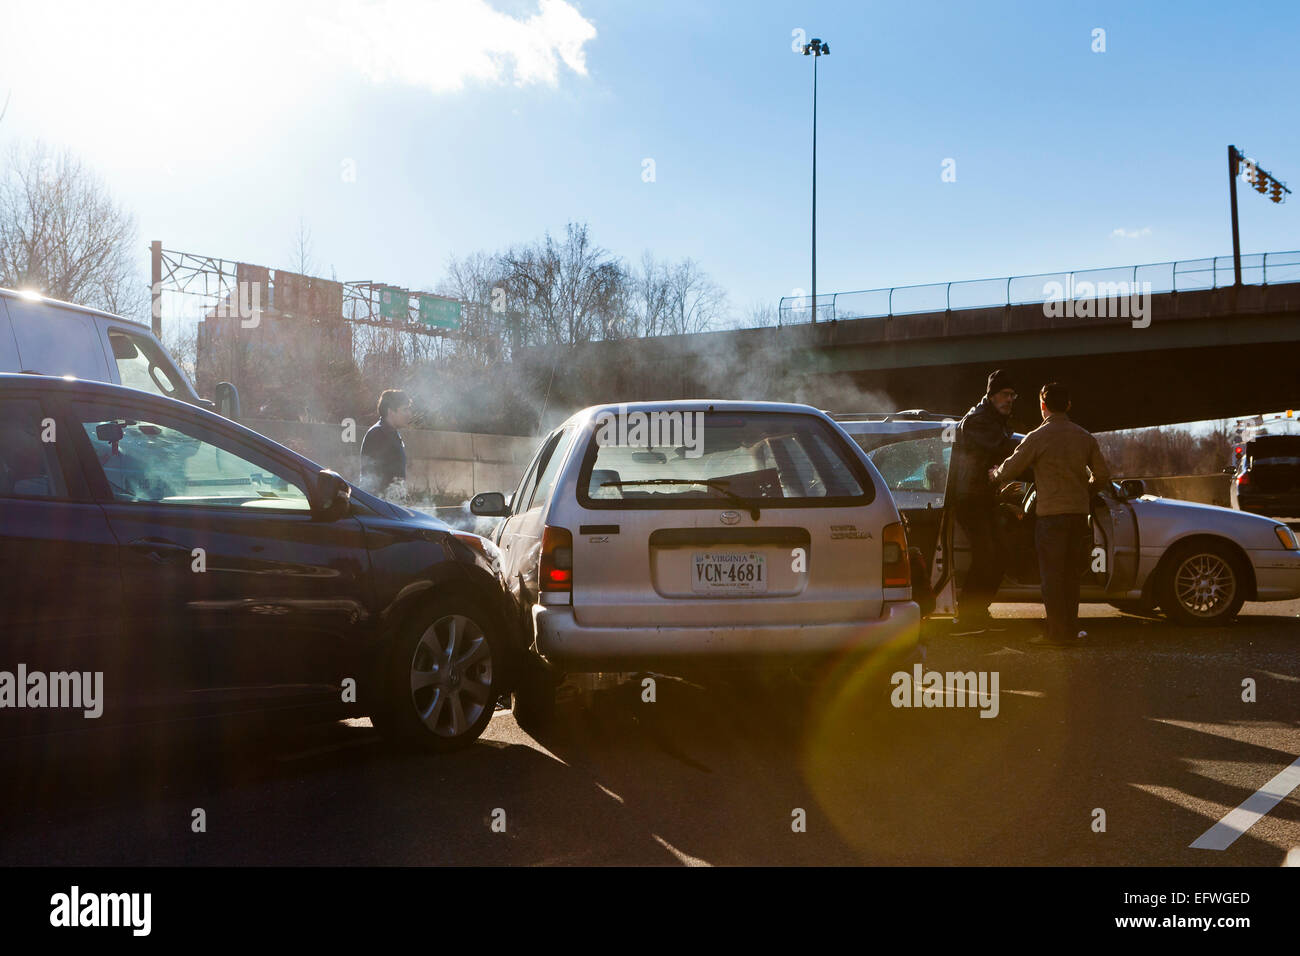 Multi veicolo incidente auto sulla strada - USA Immagini Stock